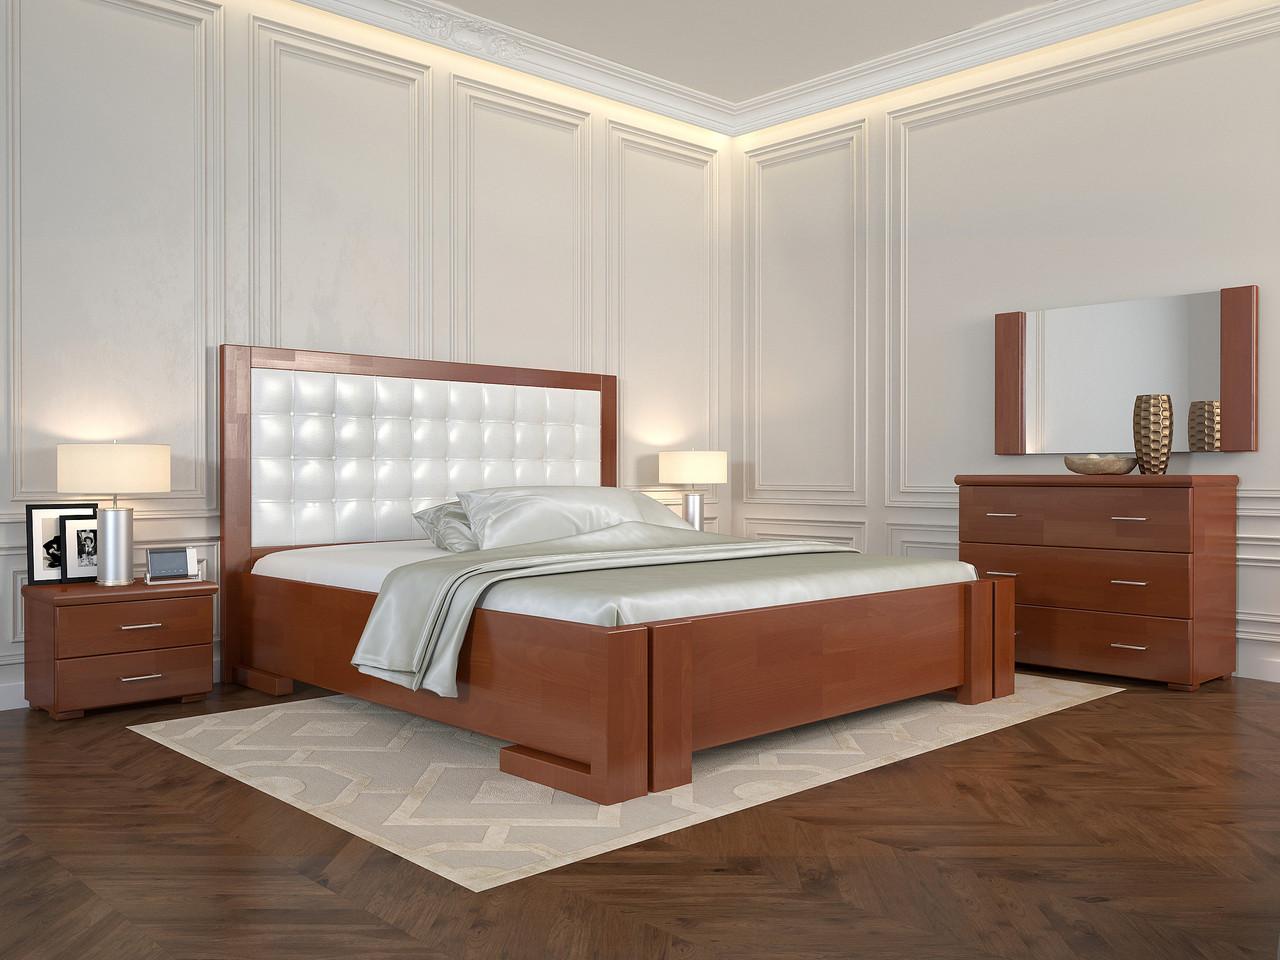 Кровать с механизмом Arbordrev Амбер квадраты (160*190) сосна